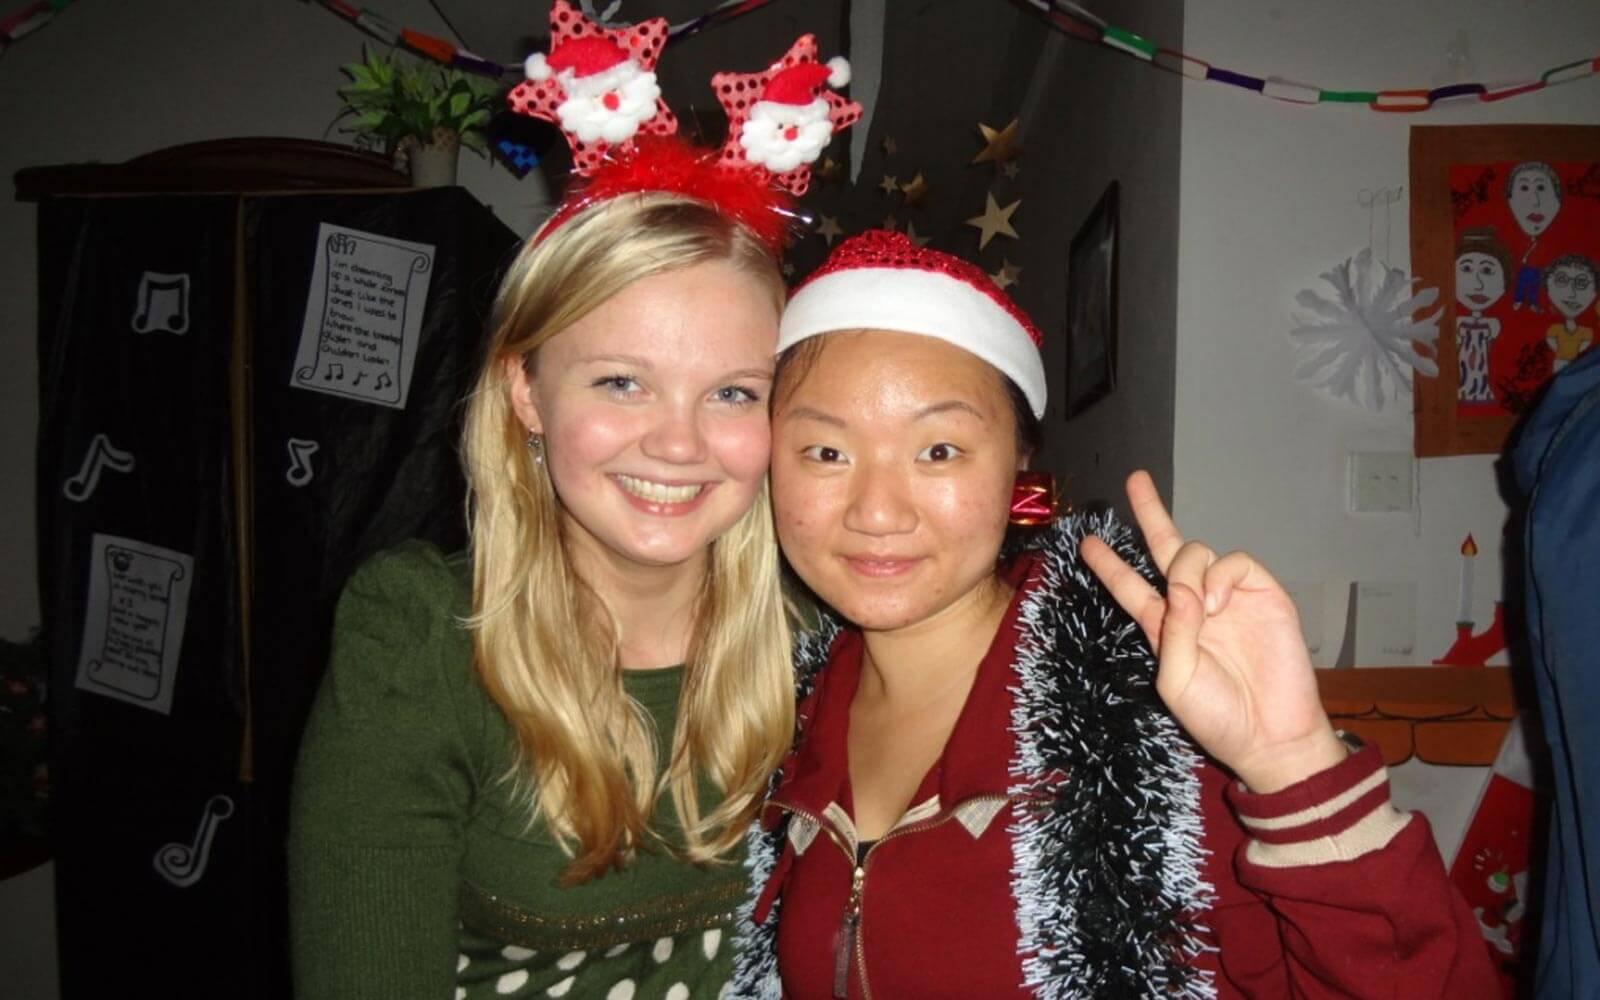 Hanna mit einer Freundin und Weihnachtsschmuck auf dem Kopf